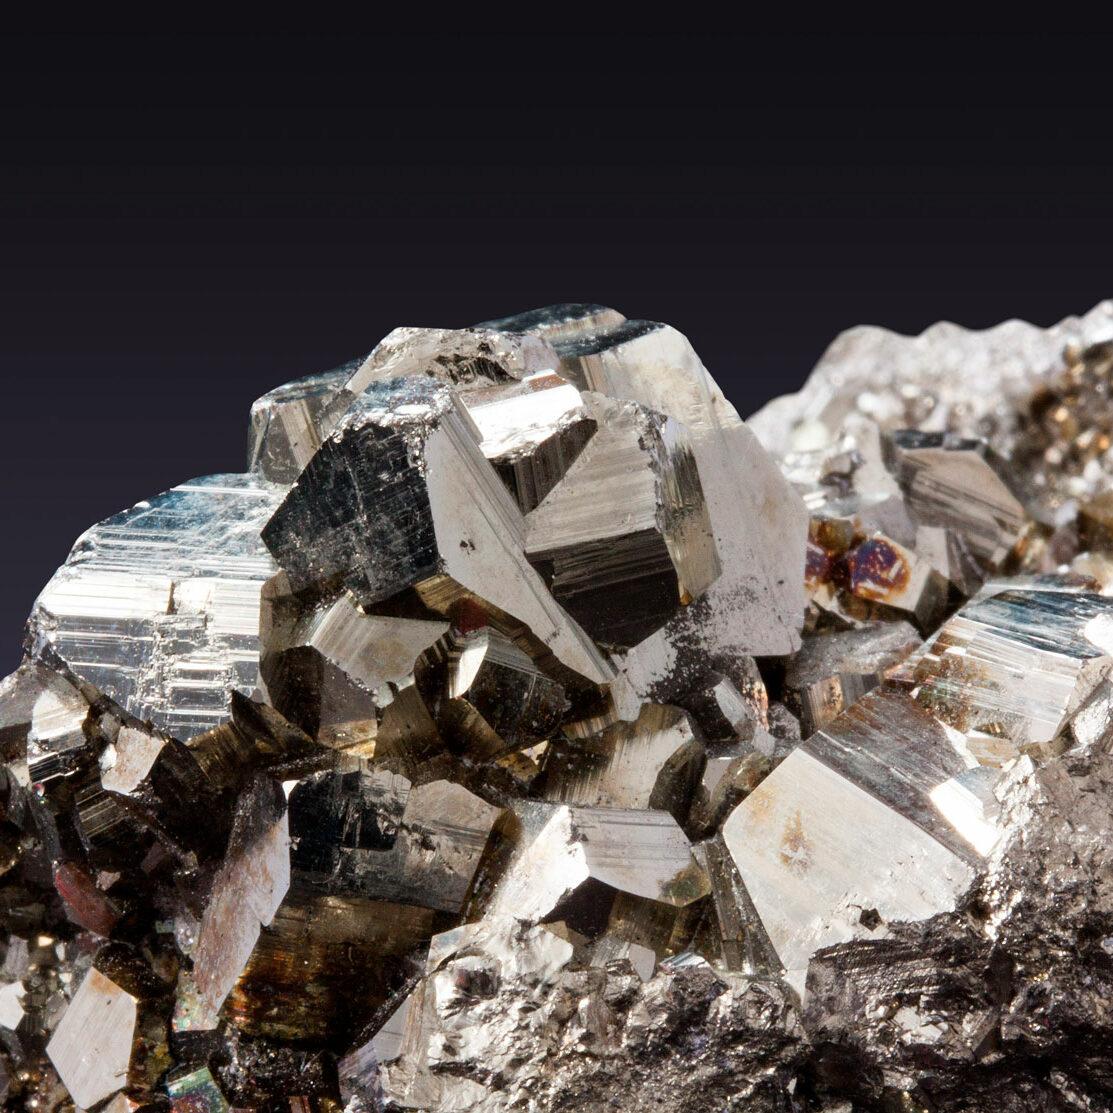 Un-Reve-d-anges-bijoux-mineraux-religieux-bougie-lampe-himalaya-encens-livres-bouddha-pendules-relaxation-magnetiseuse-pierre-bagnols-ceze-slide-6